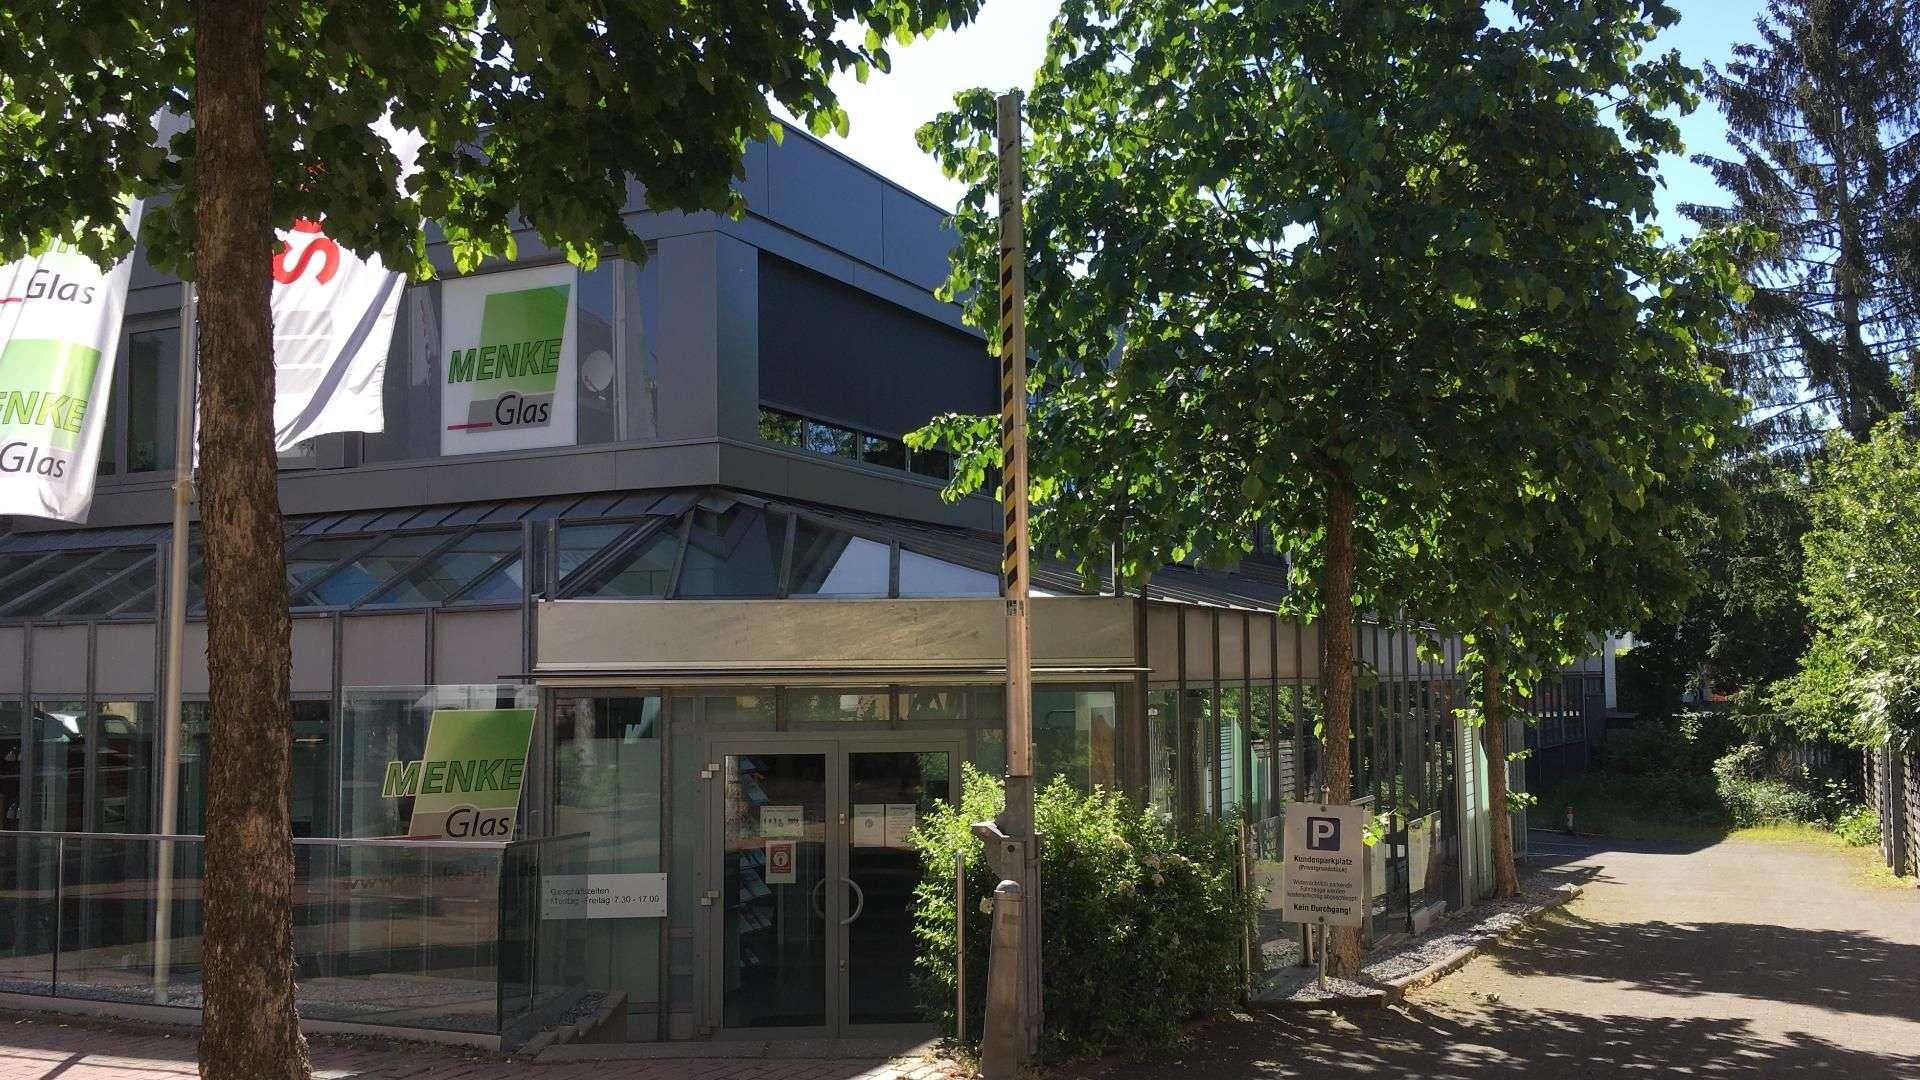 Außenansicht der Ausstellung von Menke-Glas in Bielefeld